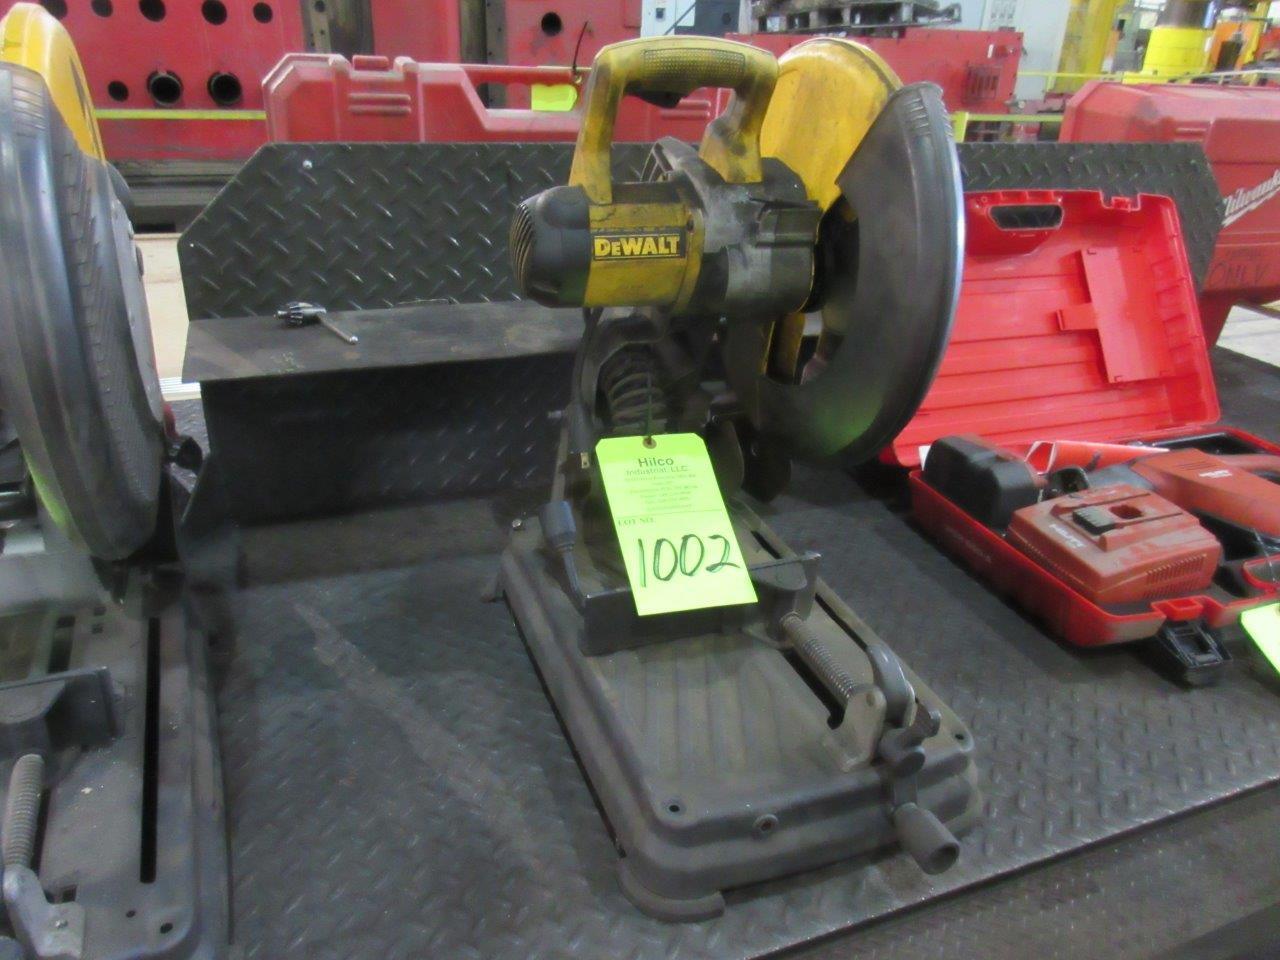 """Lot 1002 - DeWalt Model DW872 14"""" Multi Cutter Chop Saw"""